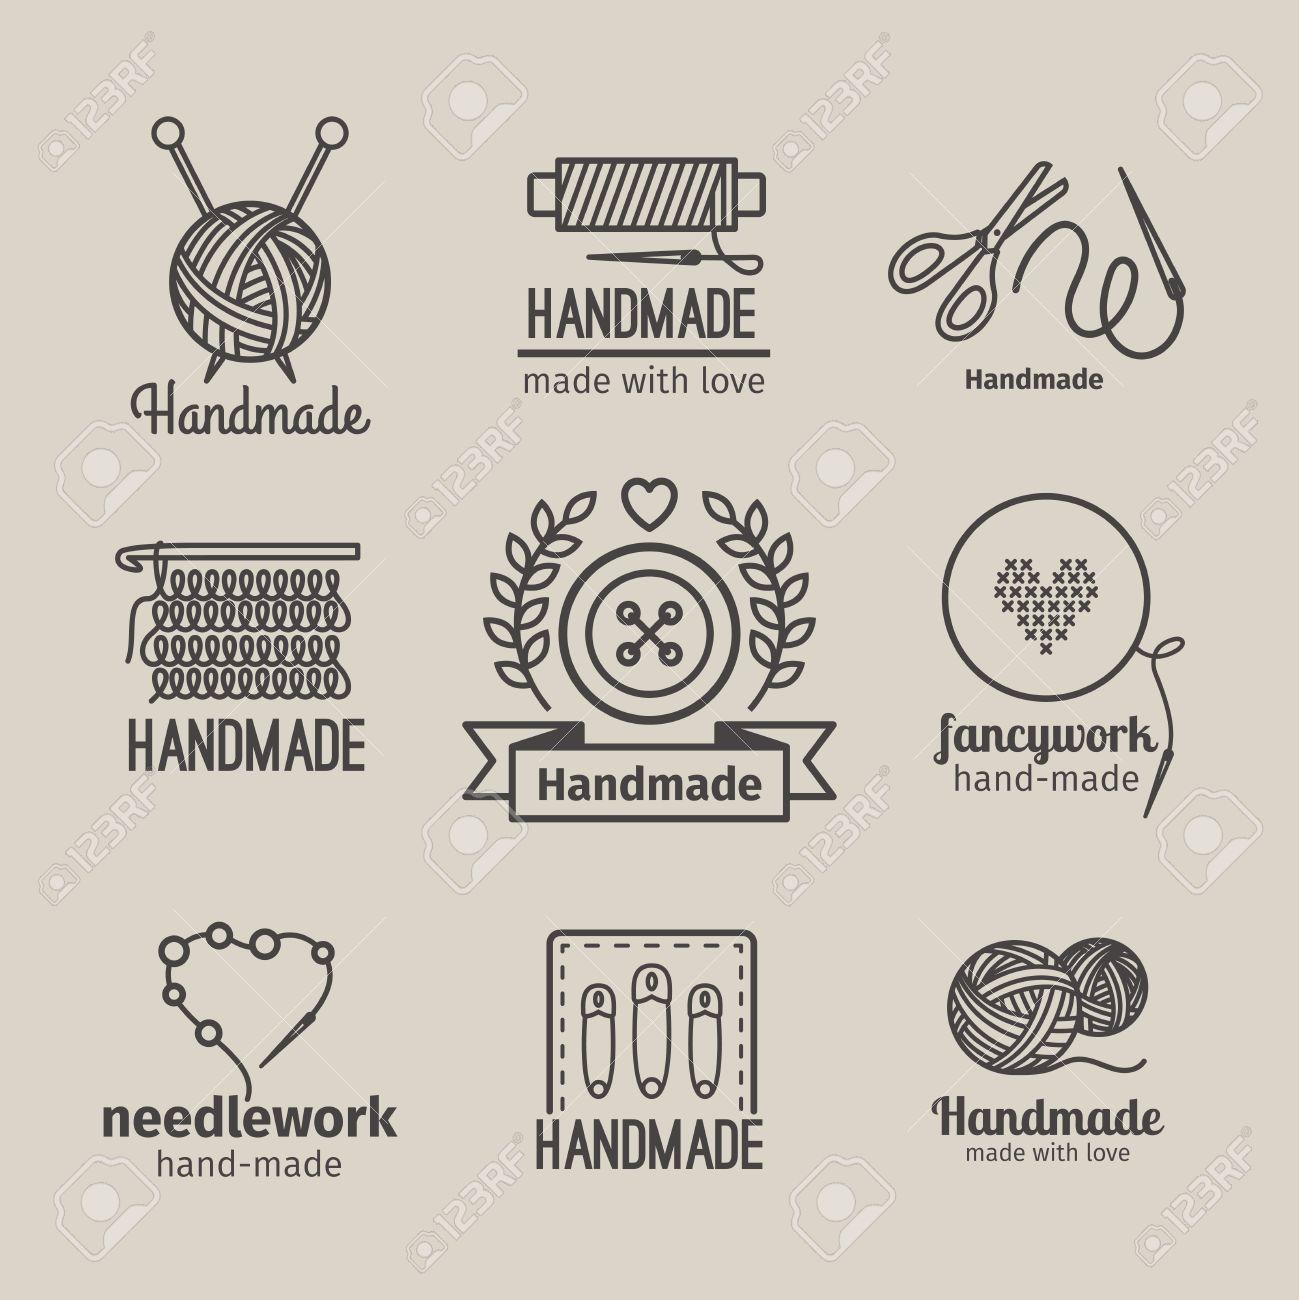 Handmade line vintage logo set. Handmade retro badges or handmade outline labels. Knitwear and sewing symbols. Vector illustration - 55346142